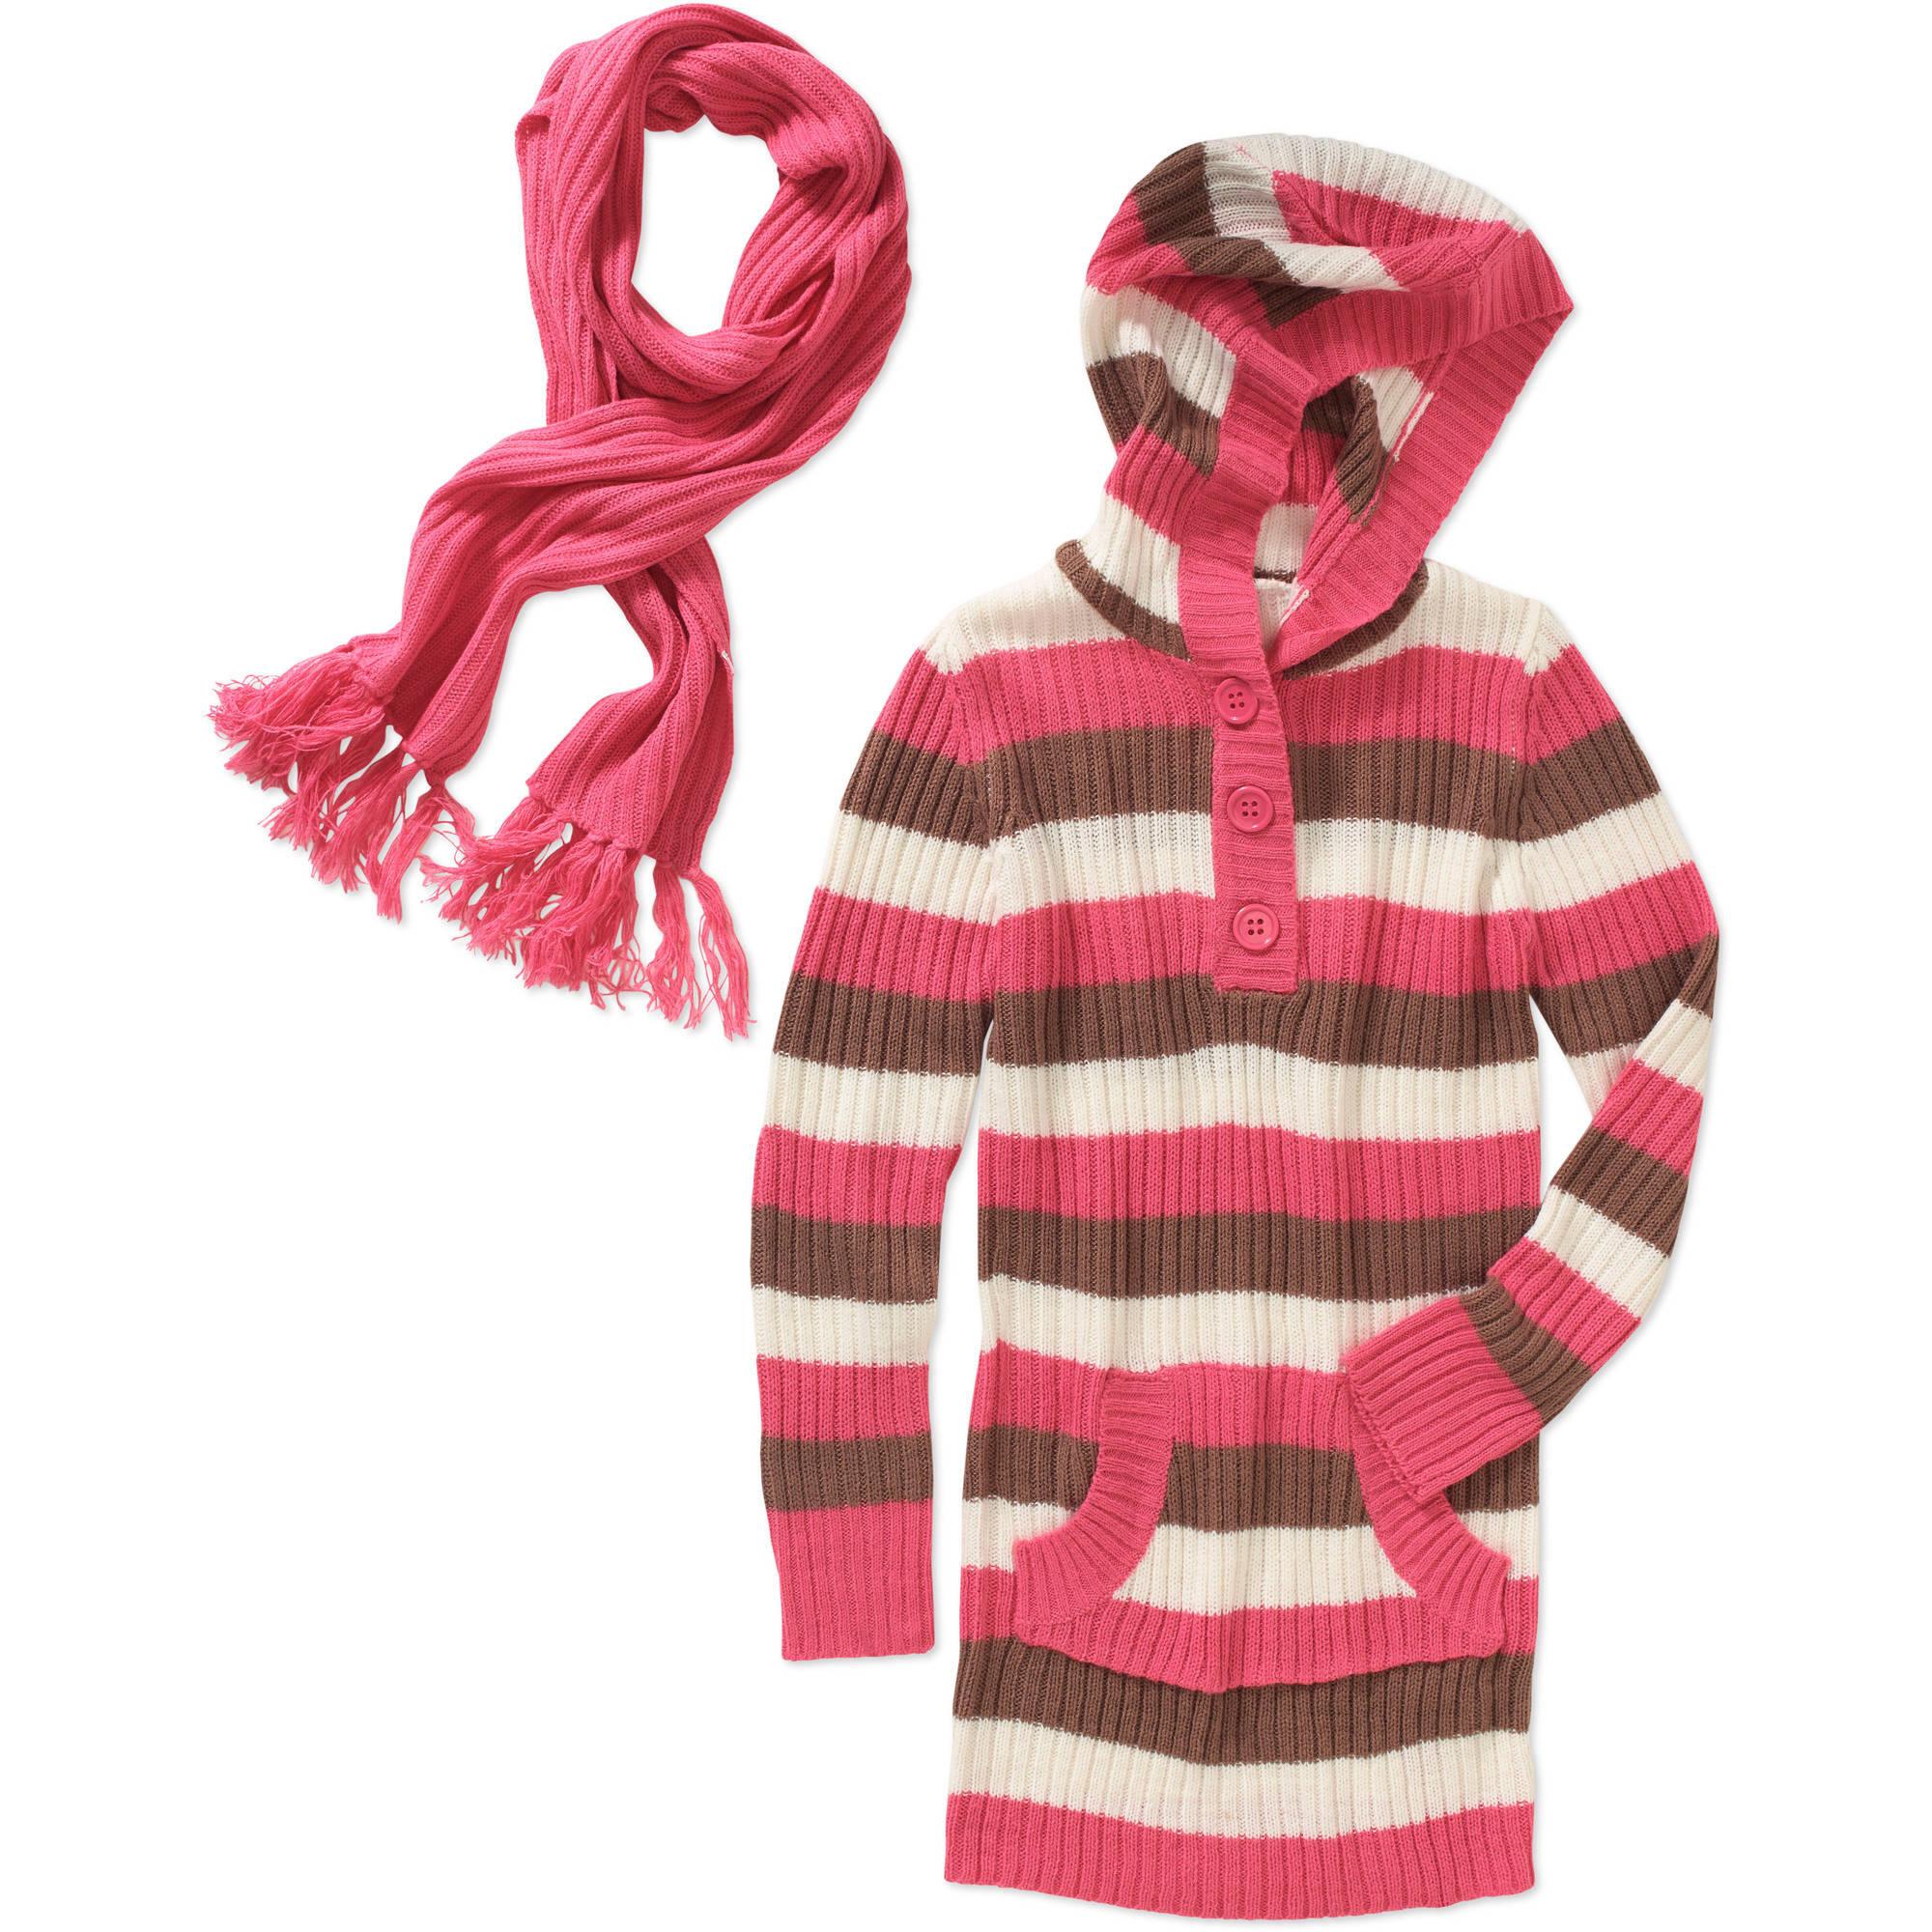 Derek Heart Girls' Stripe Hooded Sweater with Scarf